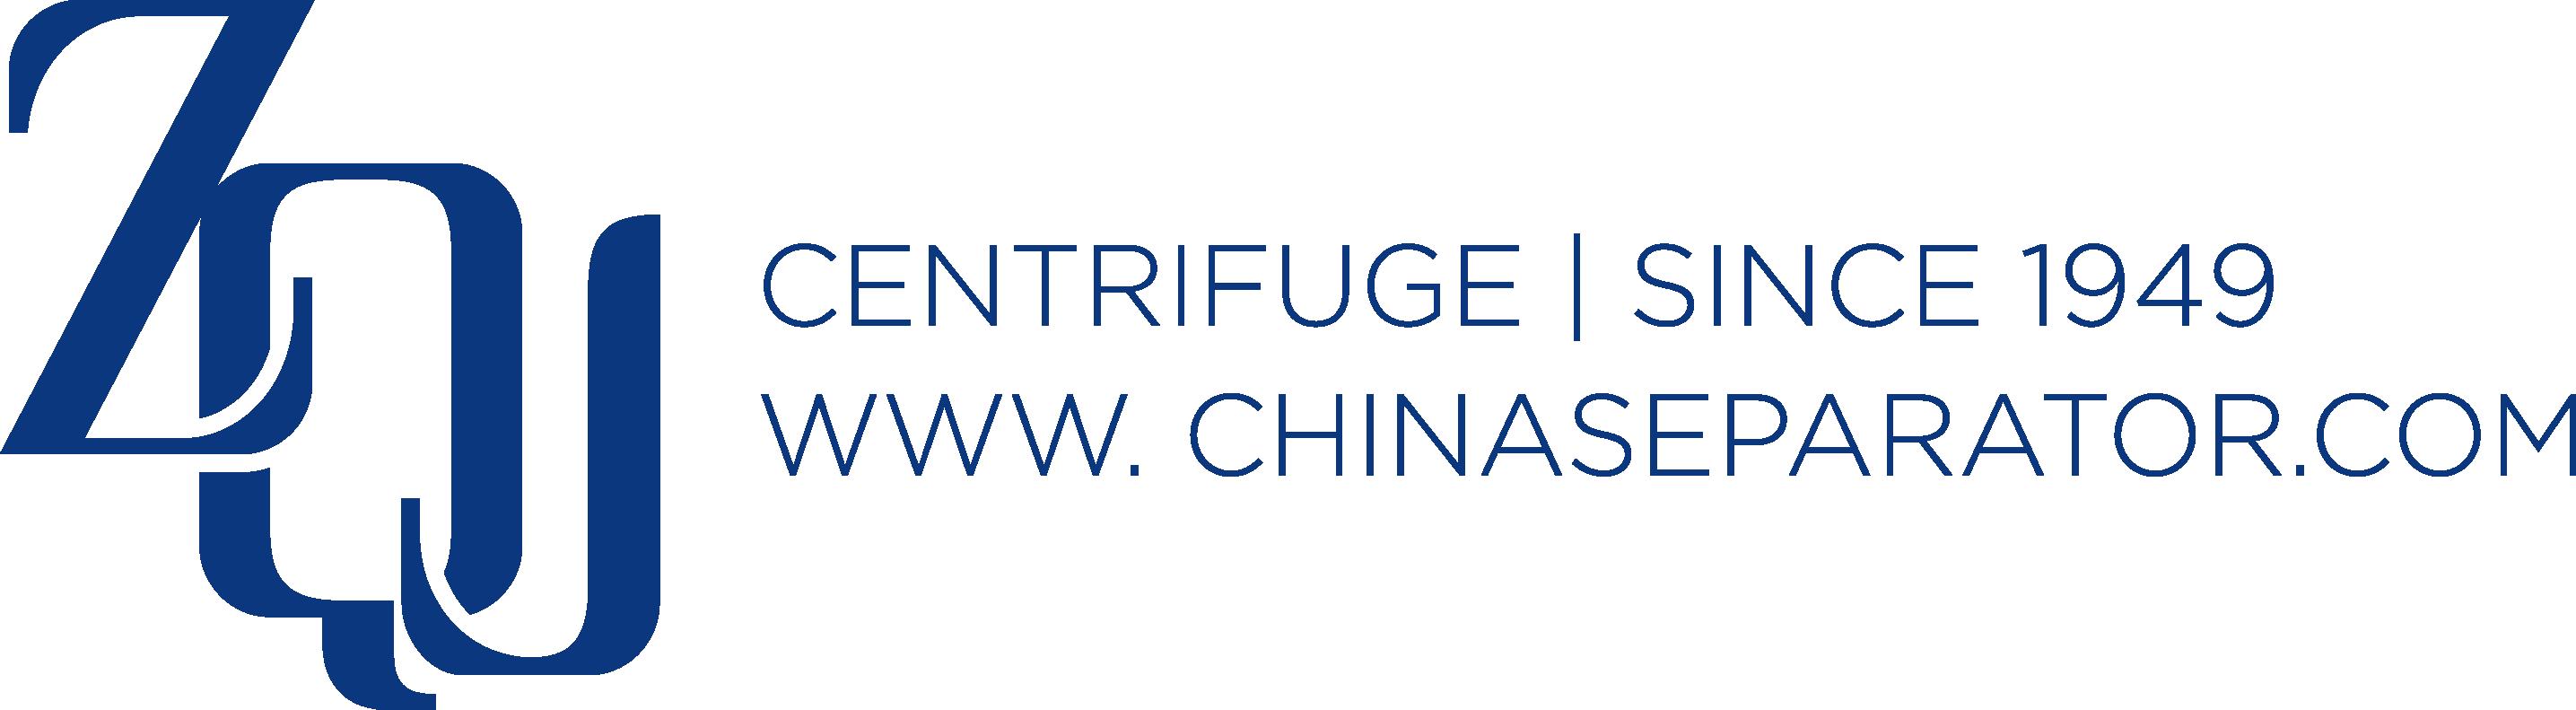 Zhejiang Qingji Centrifuge Manufacture Co., Ltd.